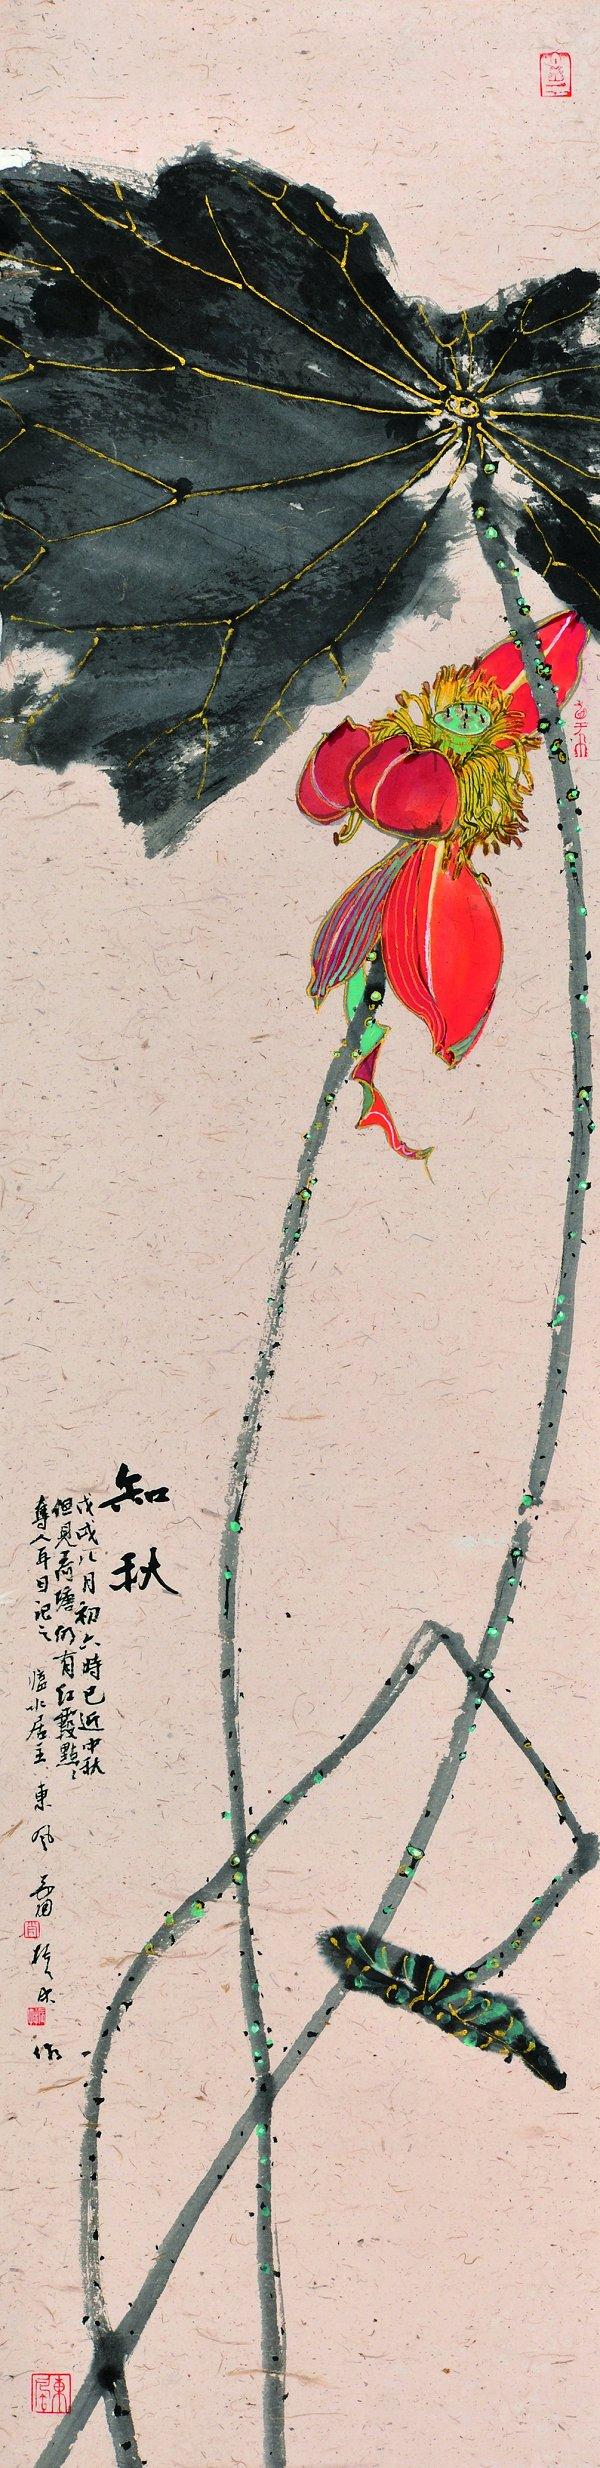 肖振中2018年中国画作品展选登-中南林业科技大学校报电子版